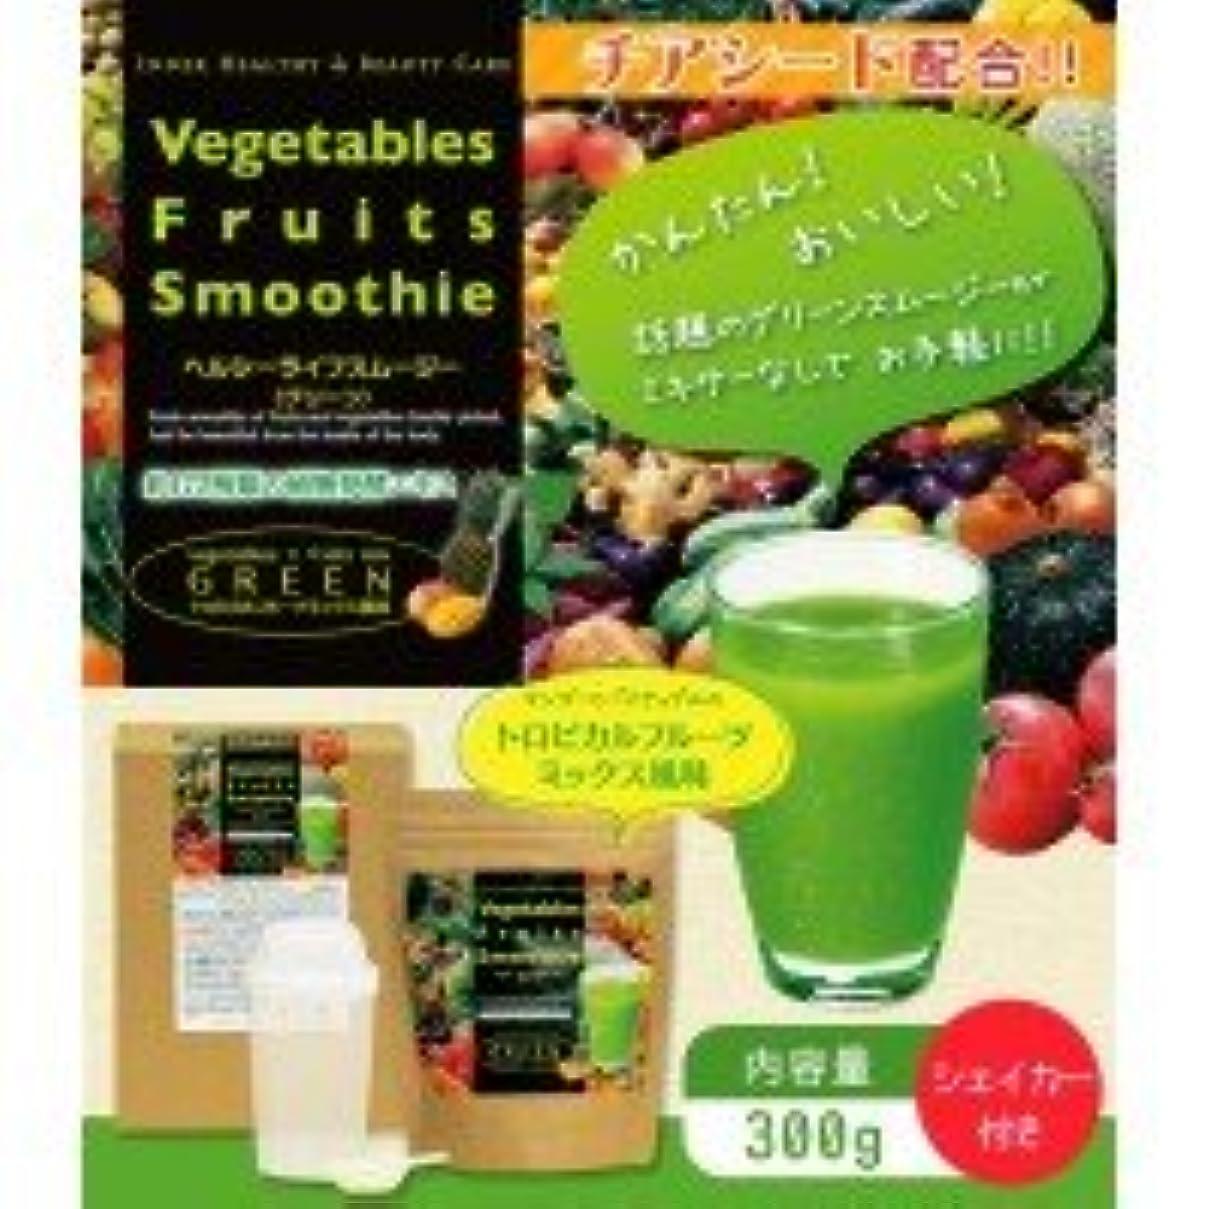 予防接種ペッカディロスクリューVegetables Fruits Smoothie ヘルシーライフスムージー(グリーン)トロピカルフルーツミックス味(300g シェイカー付) 日本製